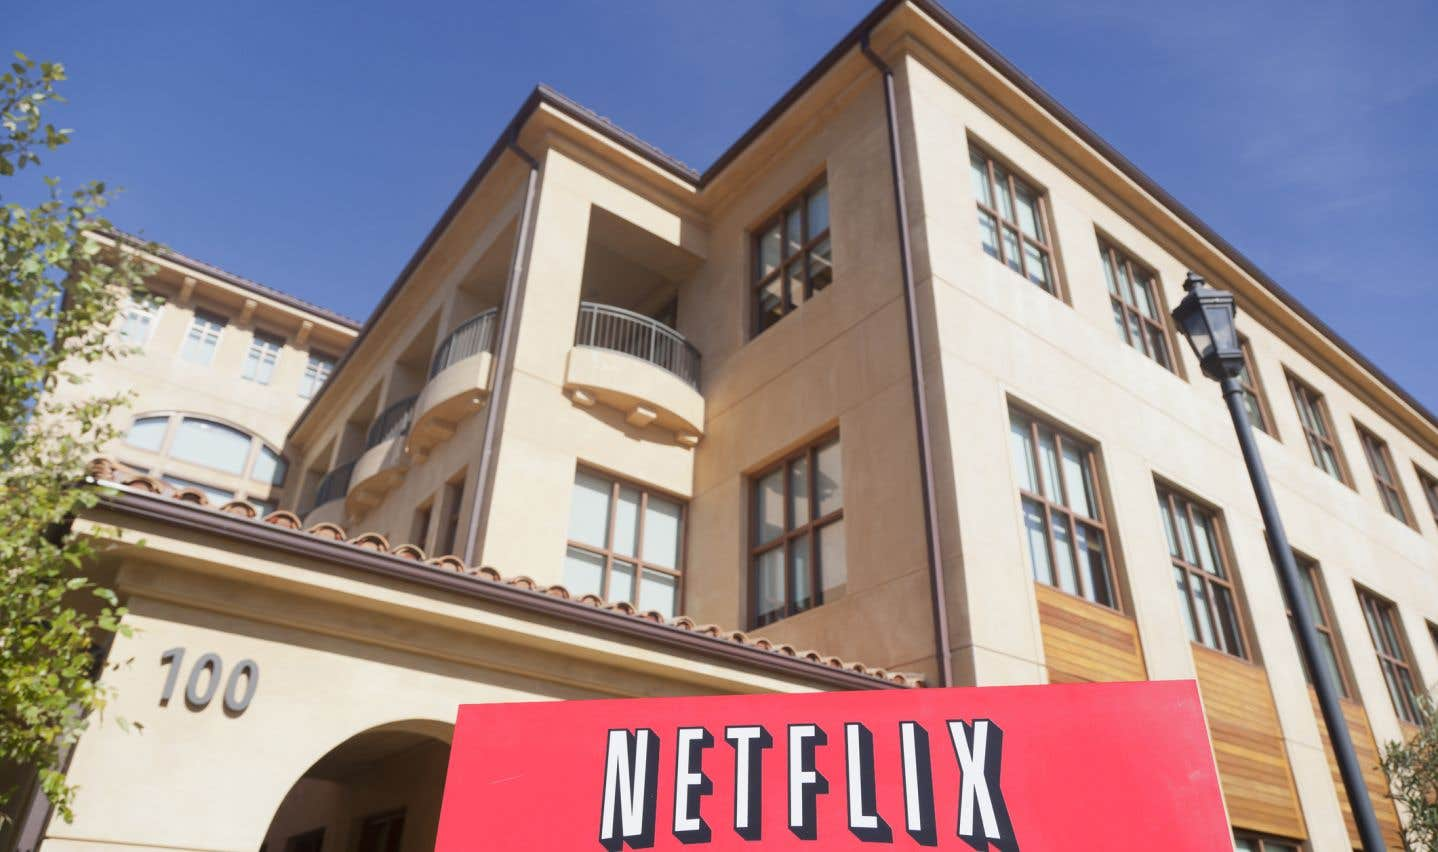 «Vous devez revoir l'entente et soumettre Netflix aux mêmes règles fiscales que toute autre entreprise», écrivent les auteurs à la ministre Joly.